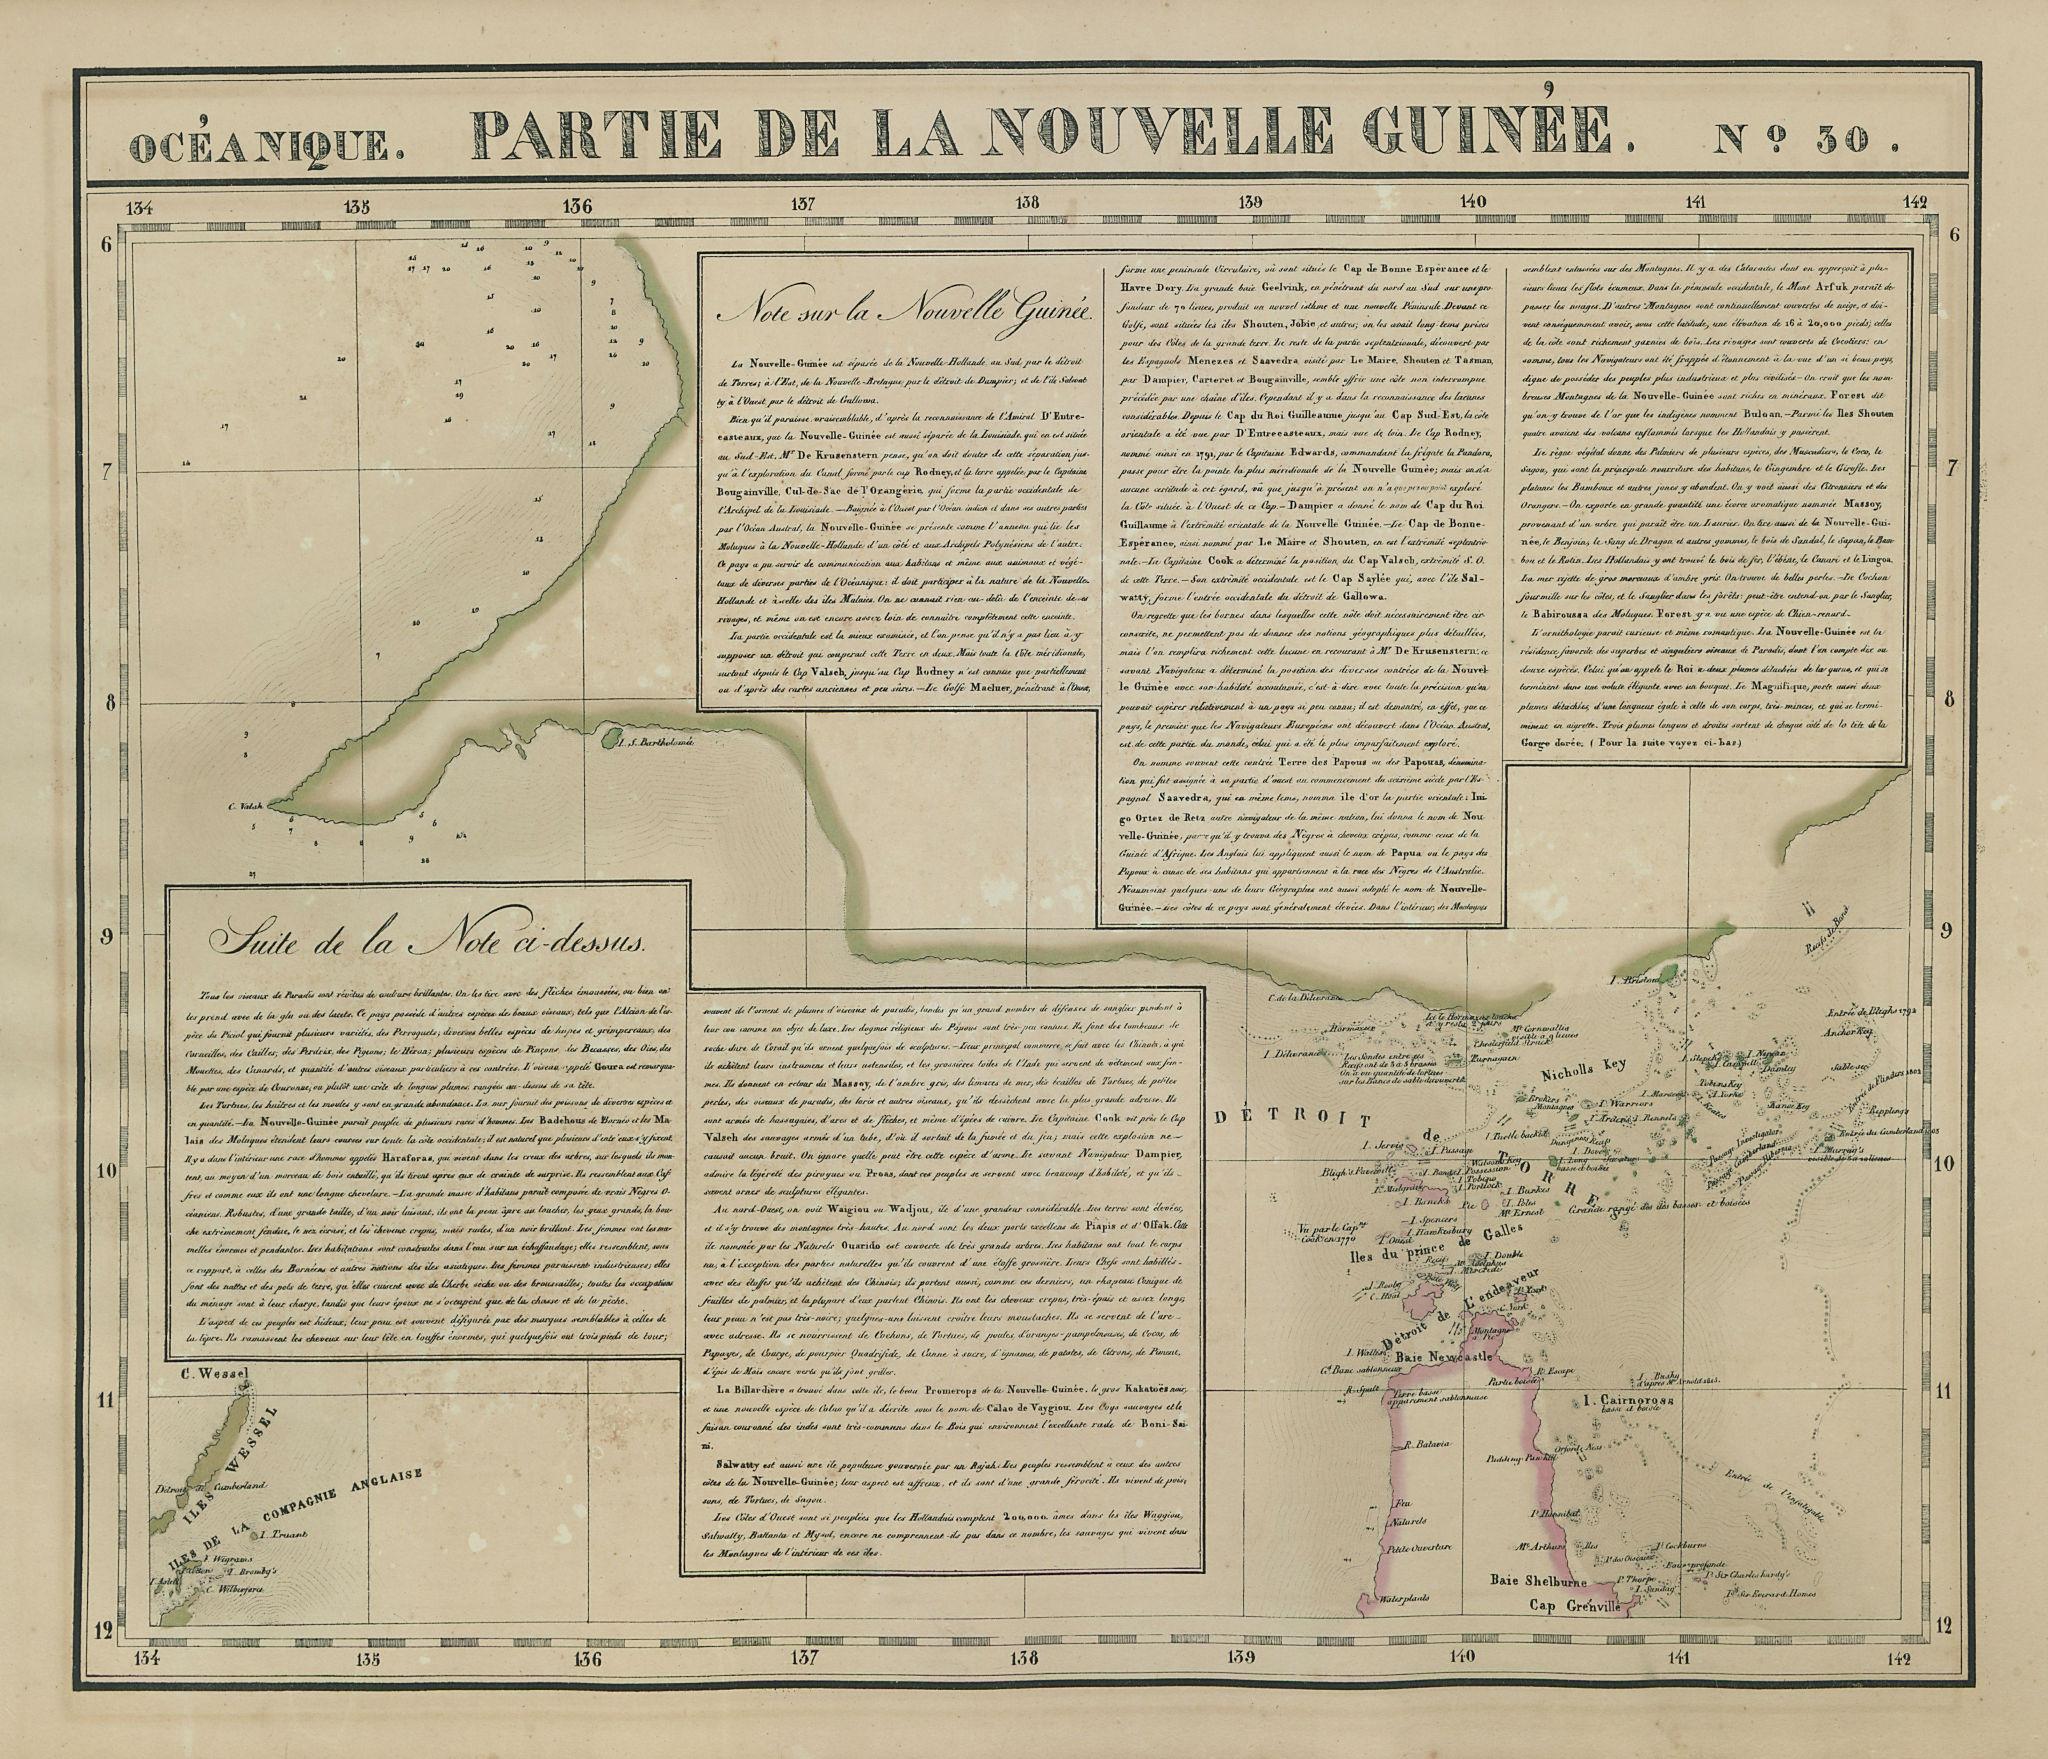 Océanique. Partie de la Nouvelle Guinée #30. Torres Strait VANDERMAELEN 1827 map